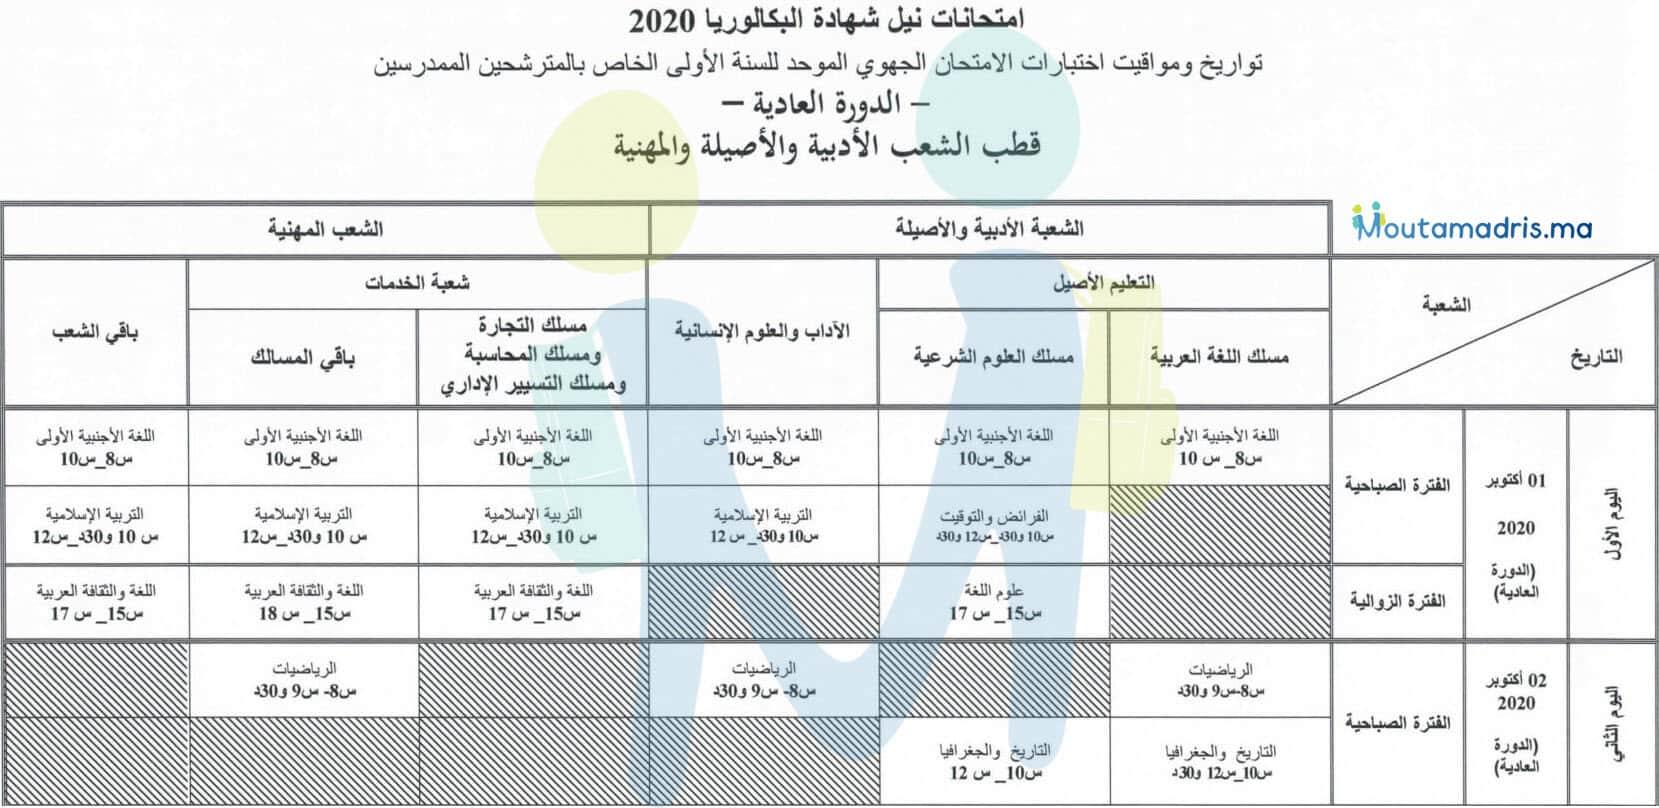 تاريخ اجتياز الامتحان الجهوي اولى باك 2020